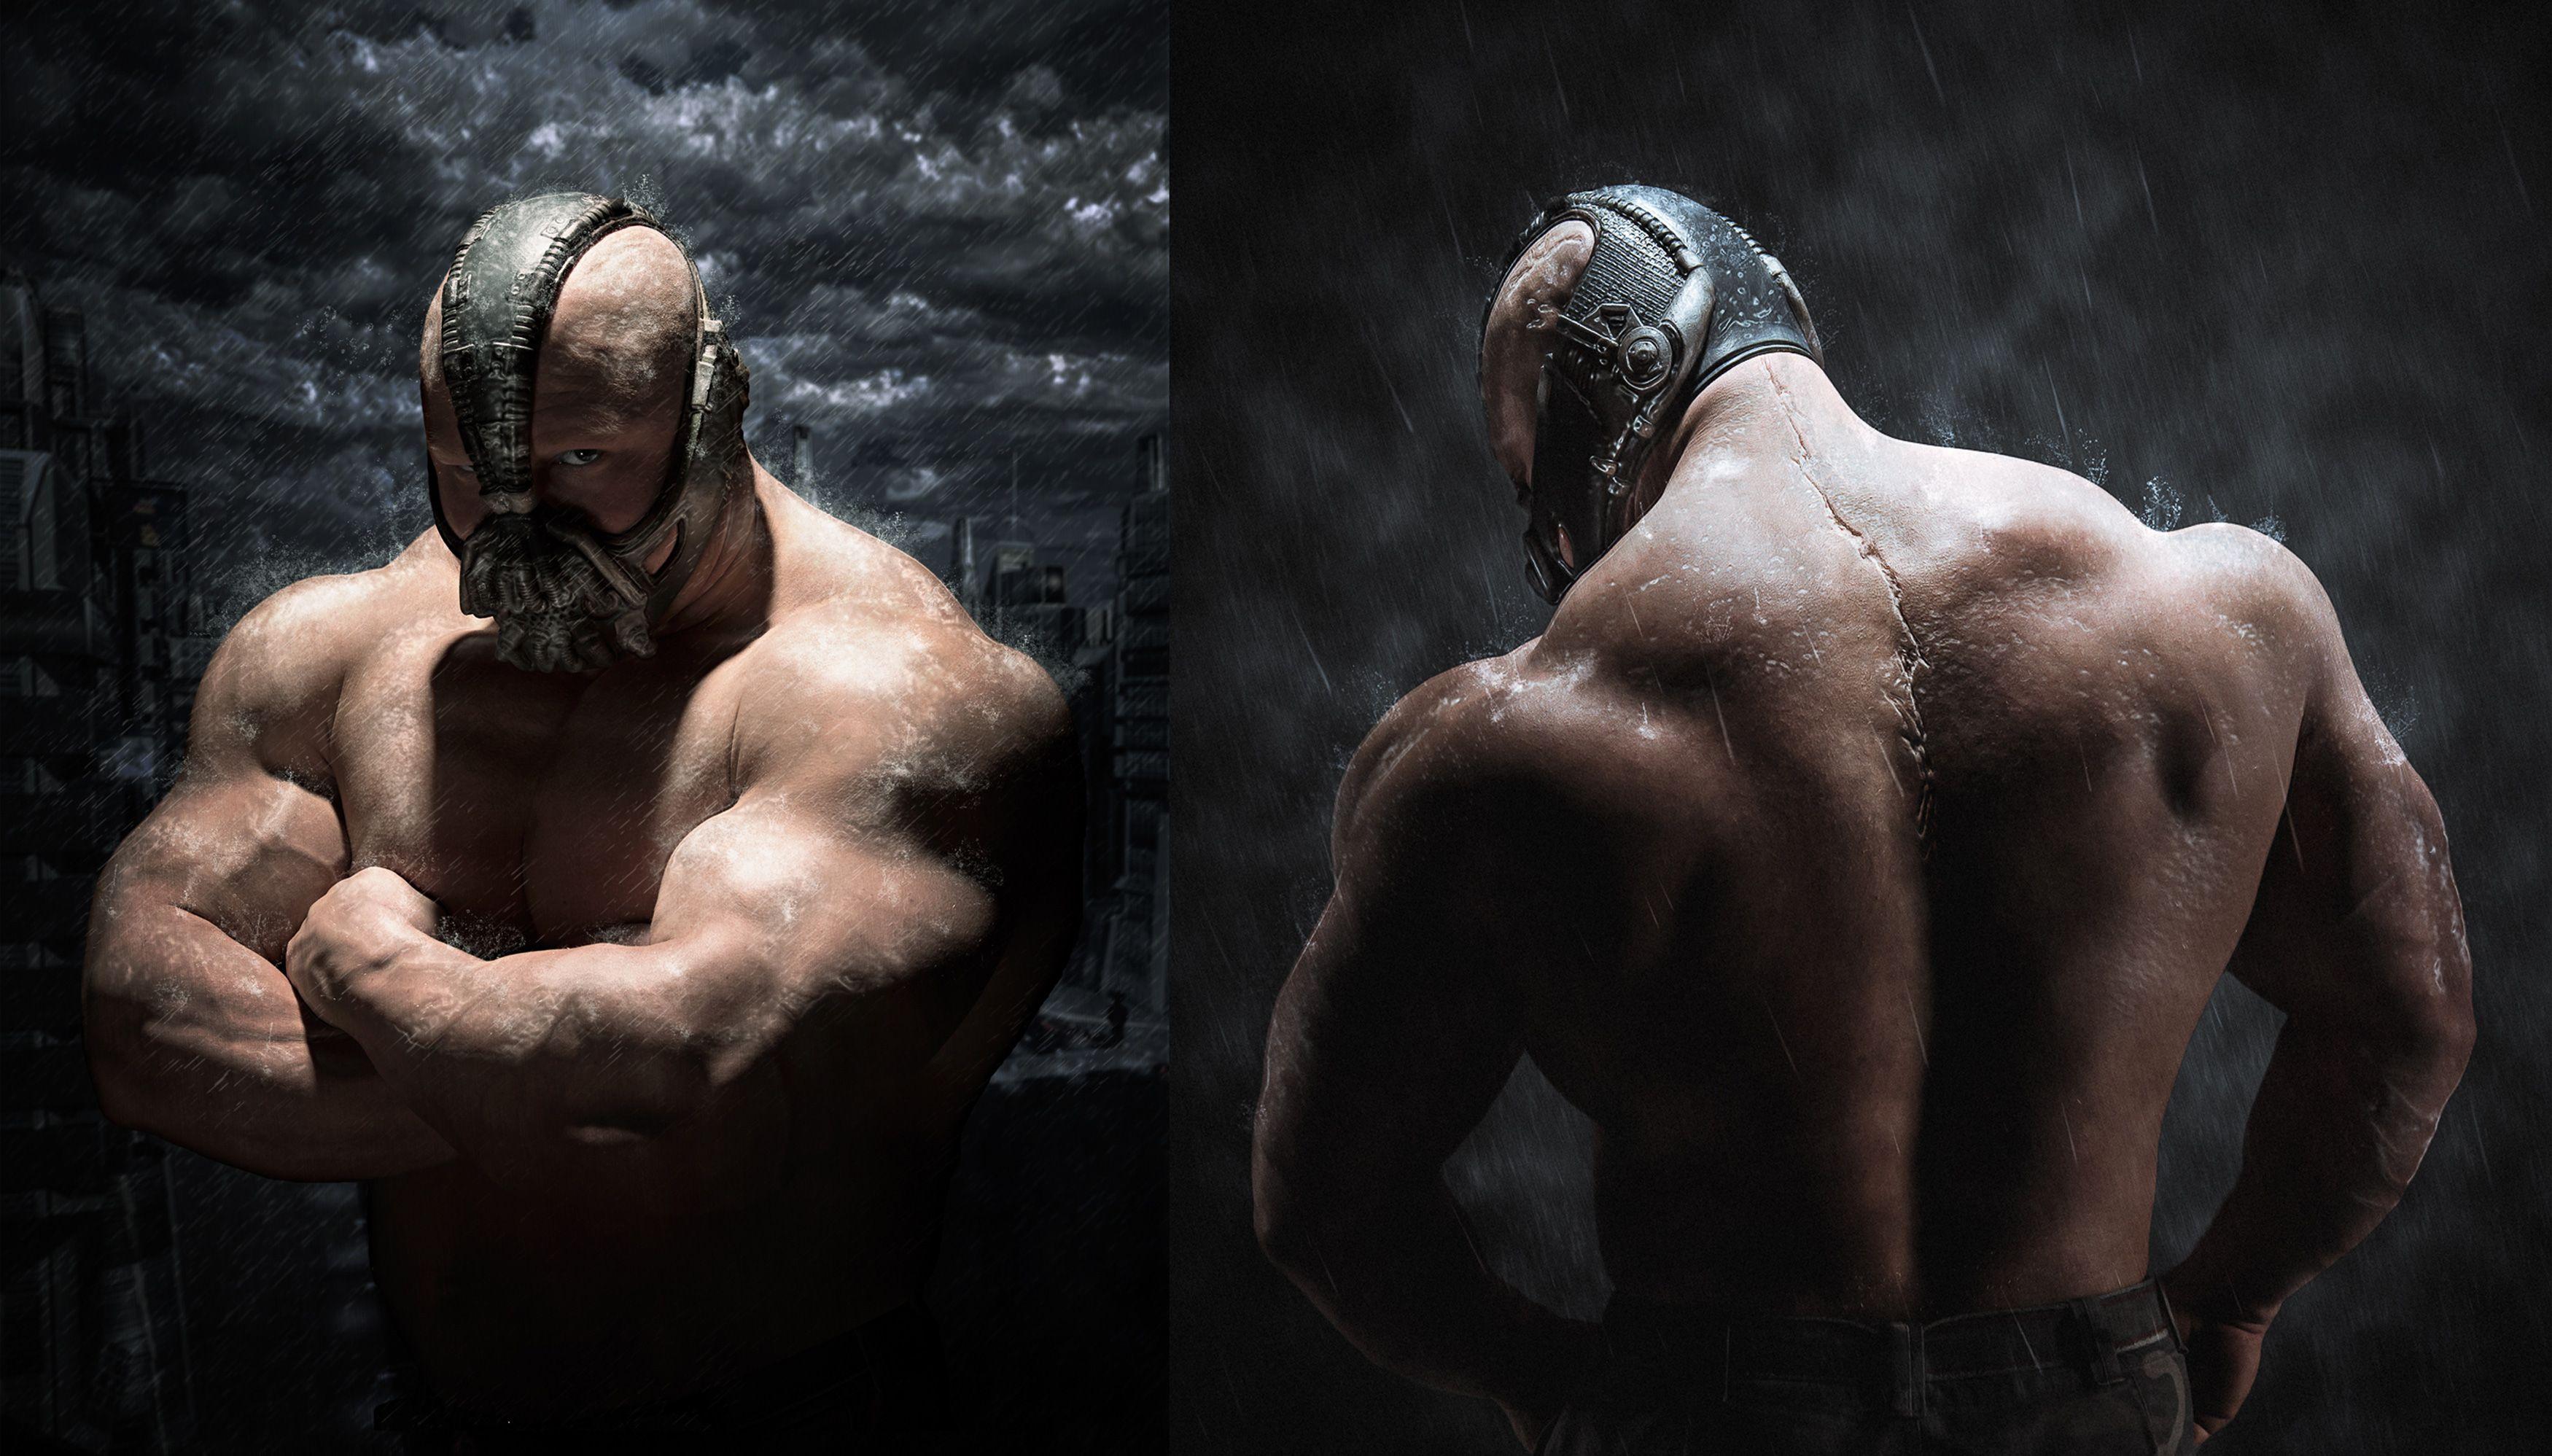 bane exercise mask